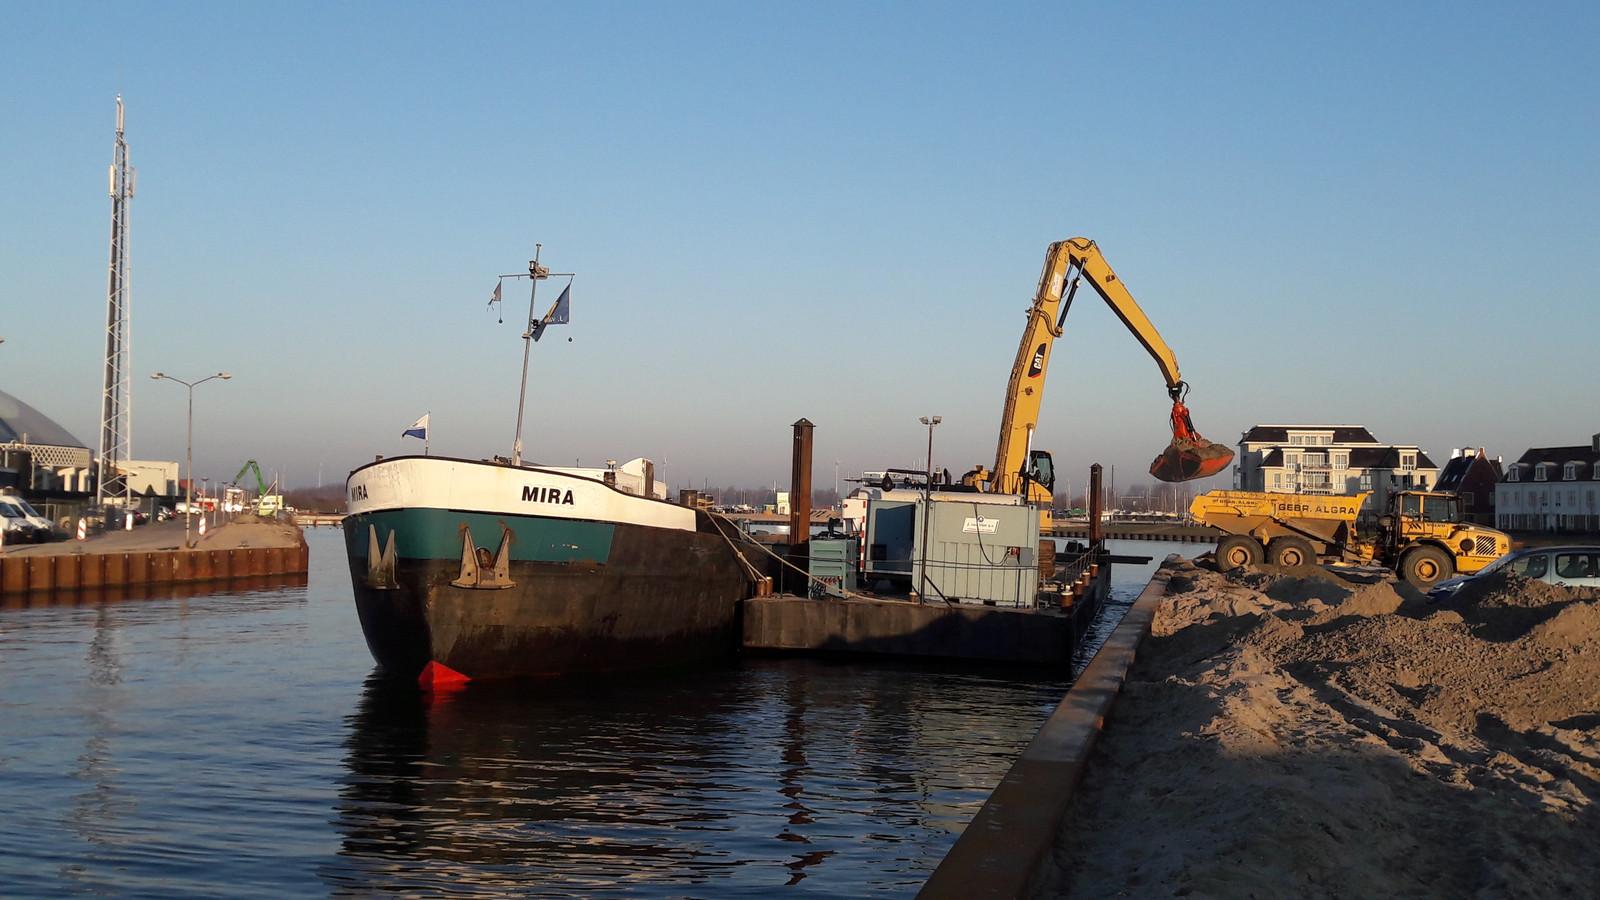 Schip Mira brengt zand, afkomstig uit de vaargeul van het Wolderwijd, naar de loswal. Het zand wordt gebruikt op de Zuiderzeeboulevard en op het toekomstig woningbouwgebied in het Waterfront.